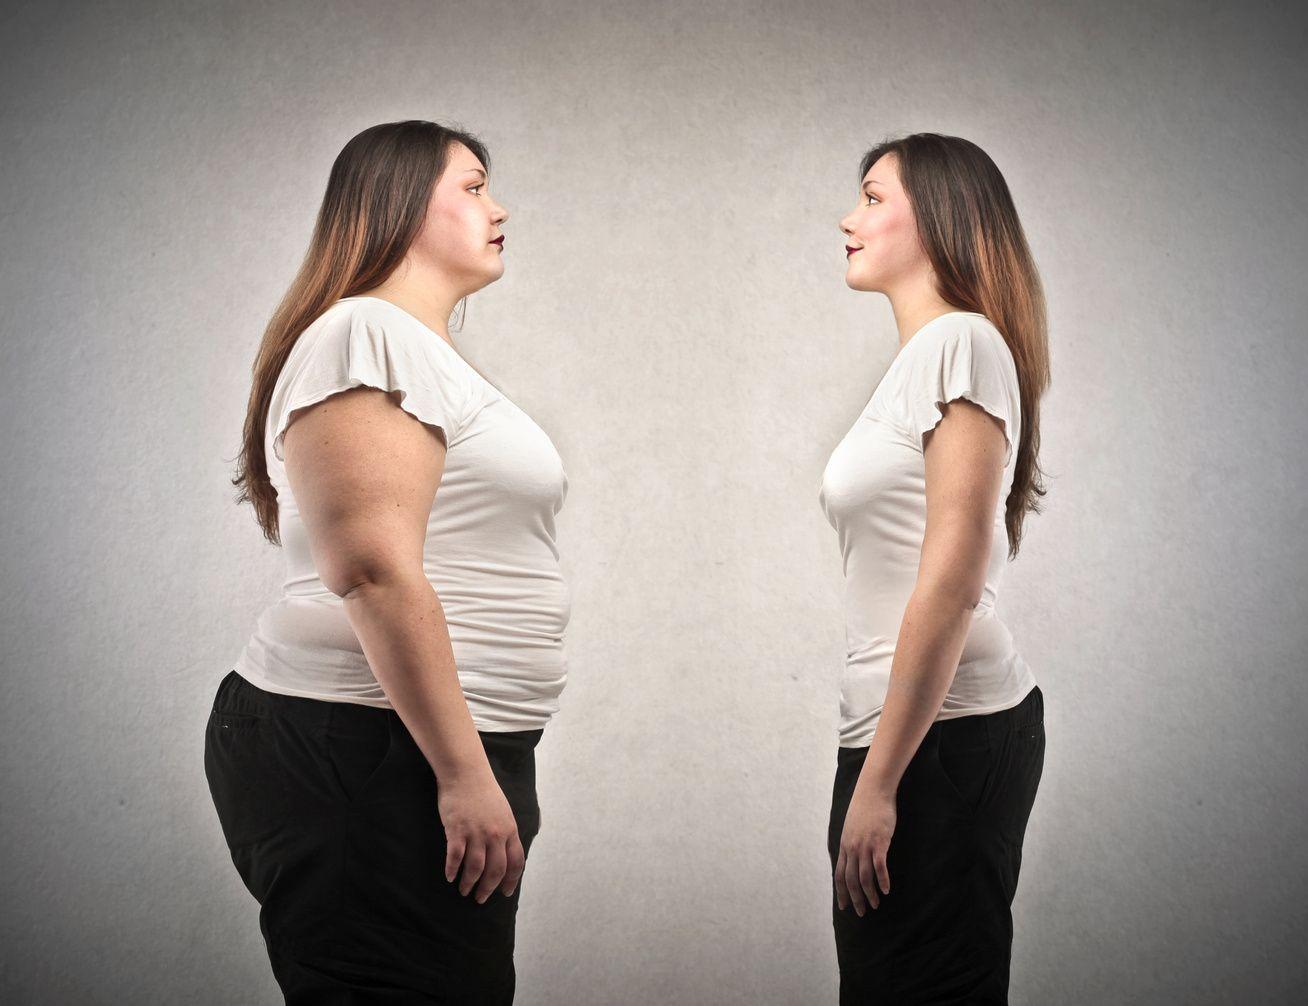 testkarcsúsító tippek